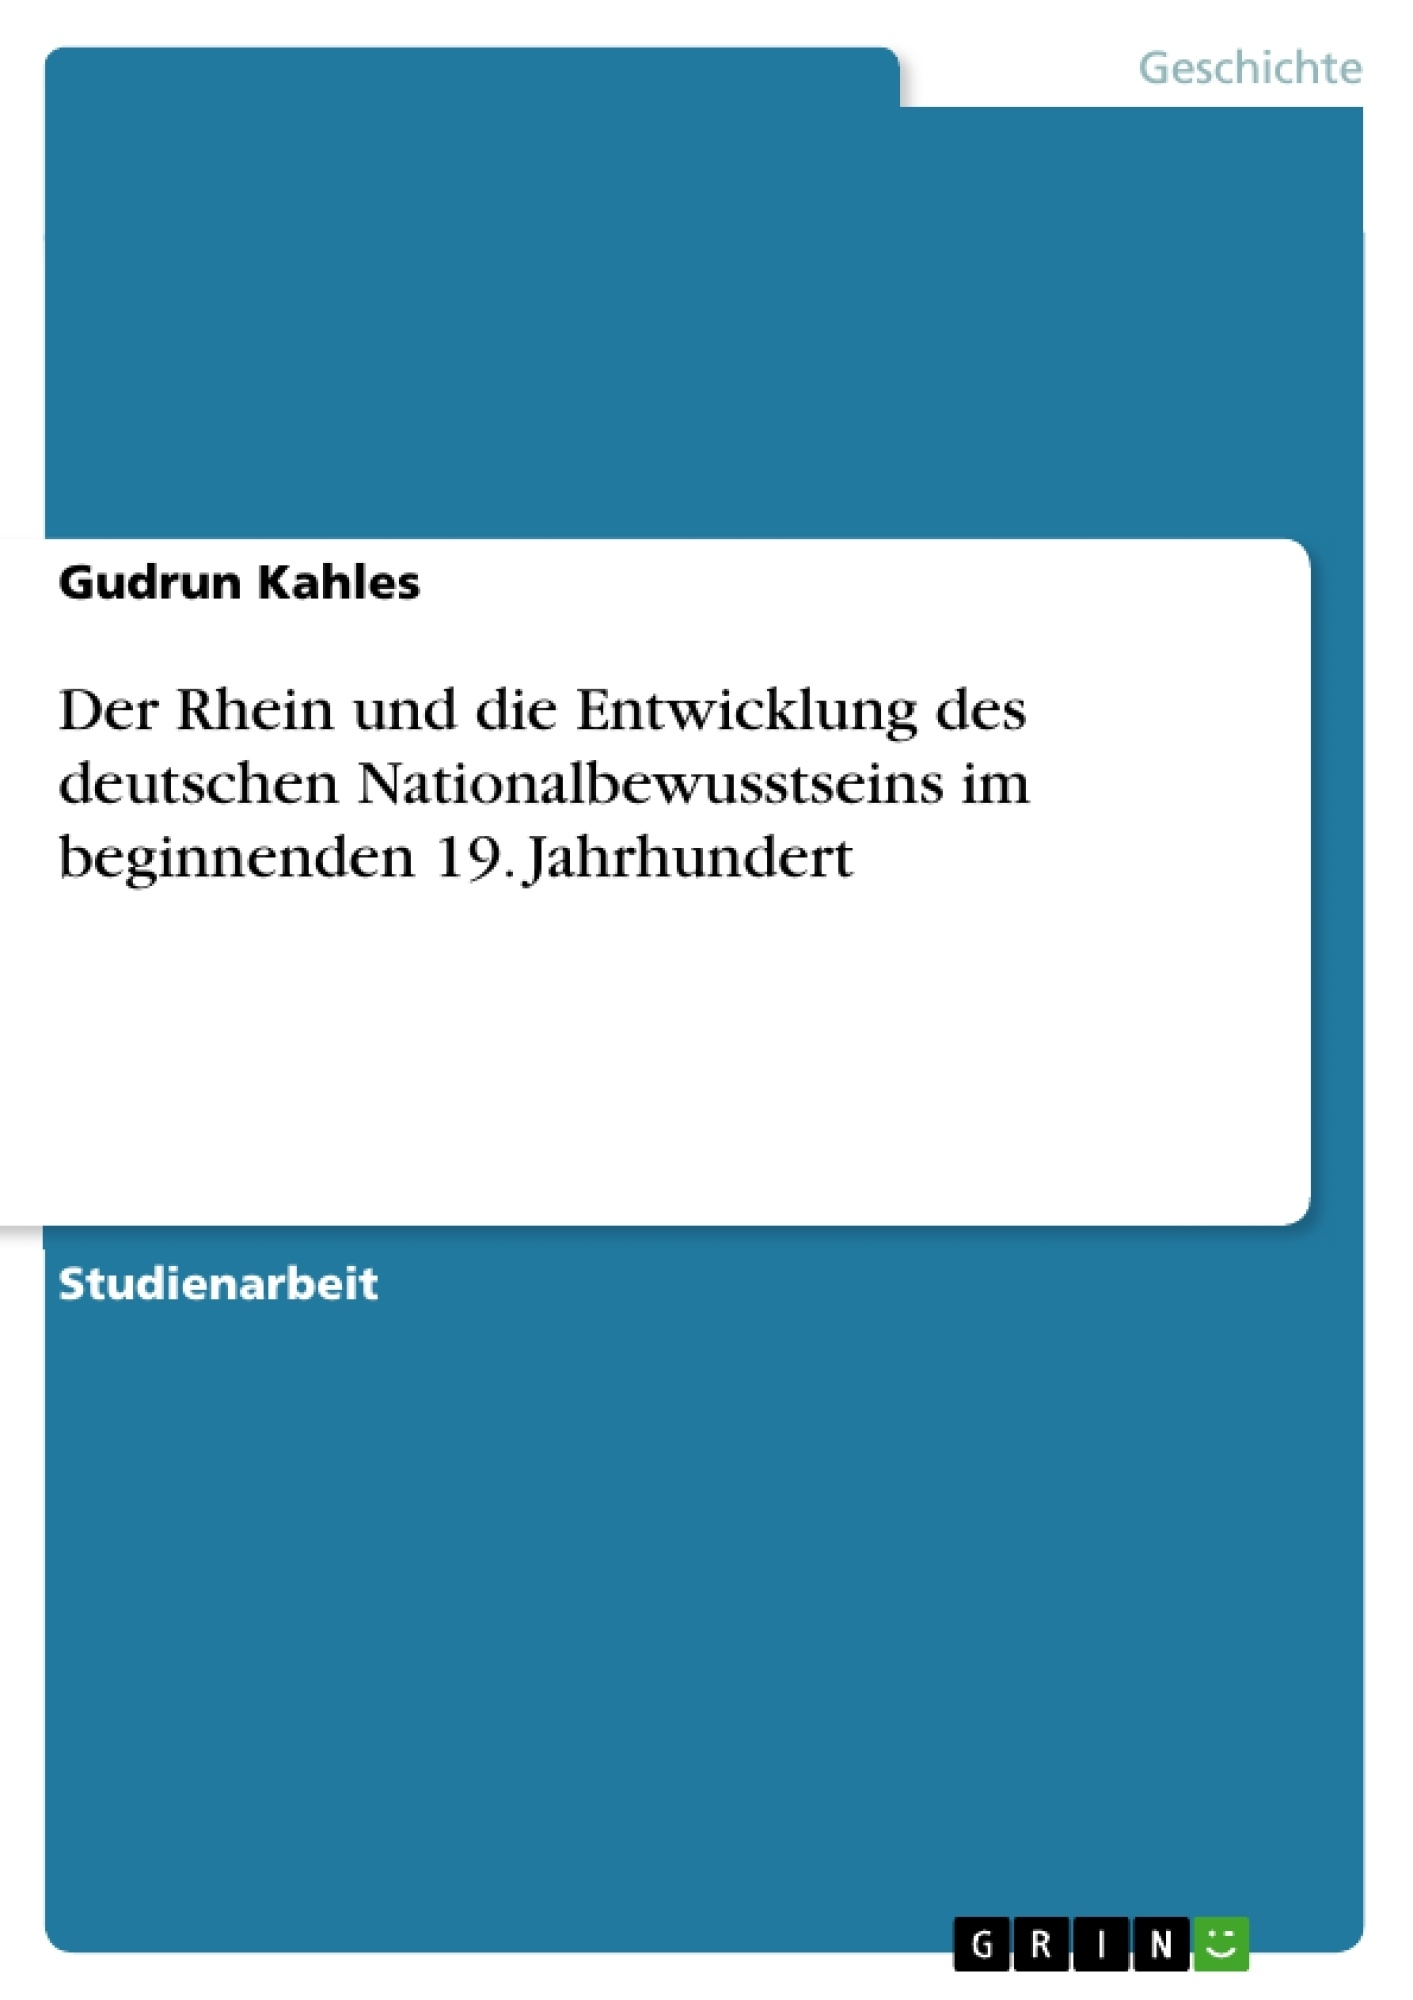 Titel: Der Rhein und die Entwicklung des deutschen Nationalbewusstseins im beginnenden 19. Jahrhundert